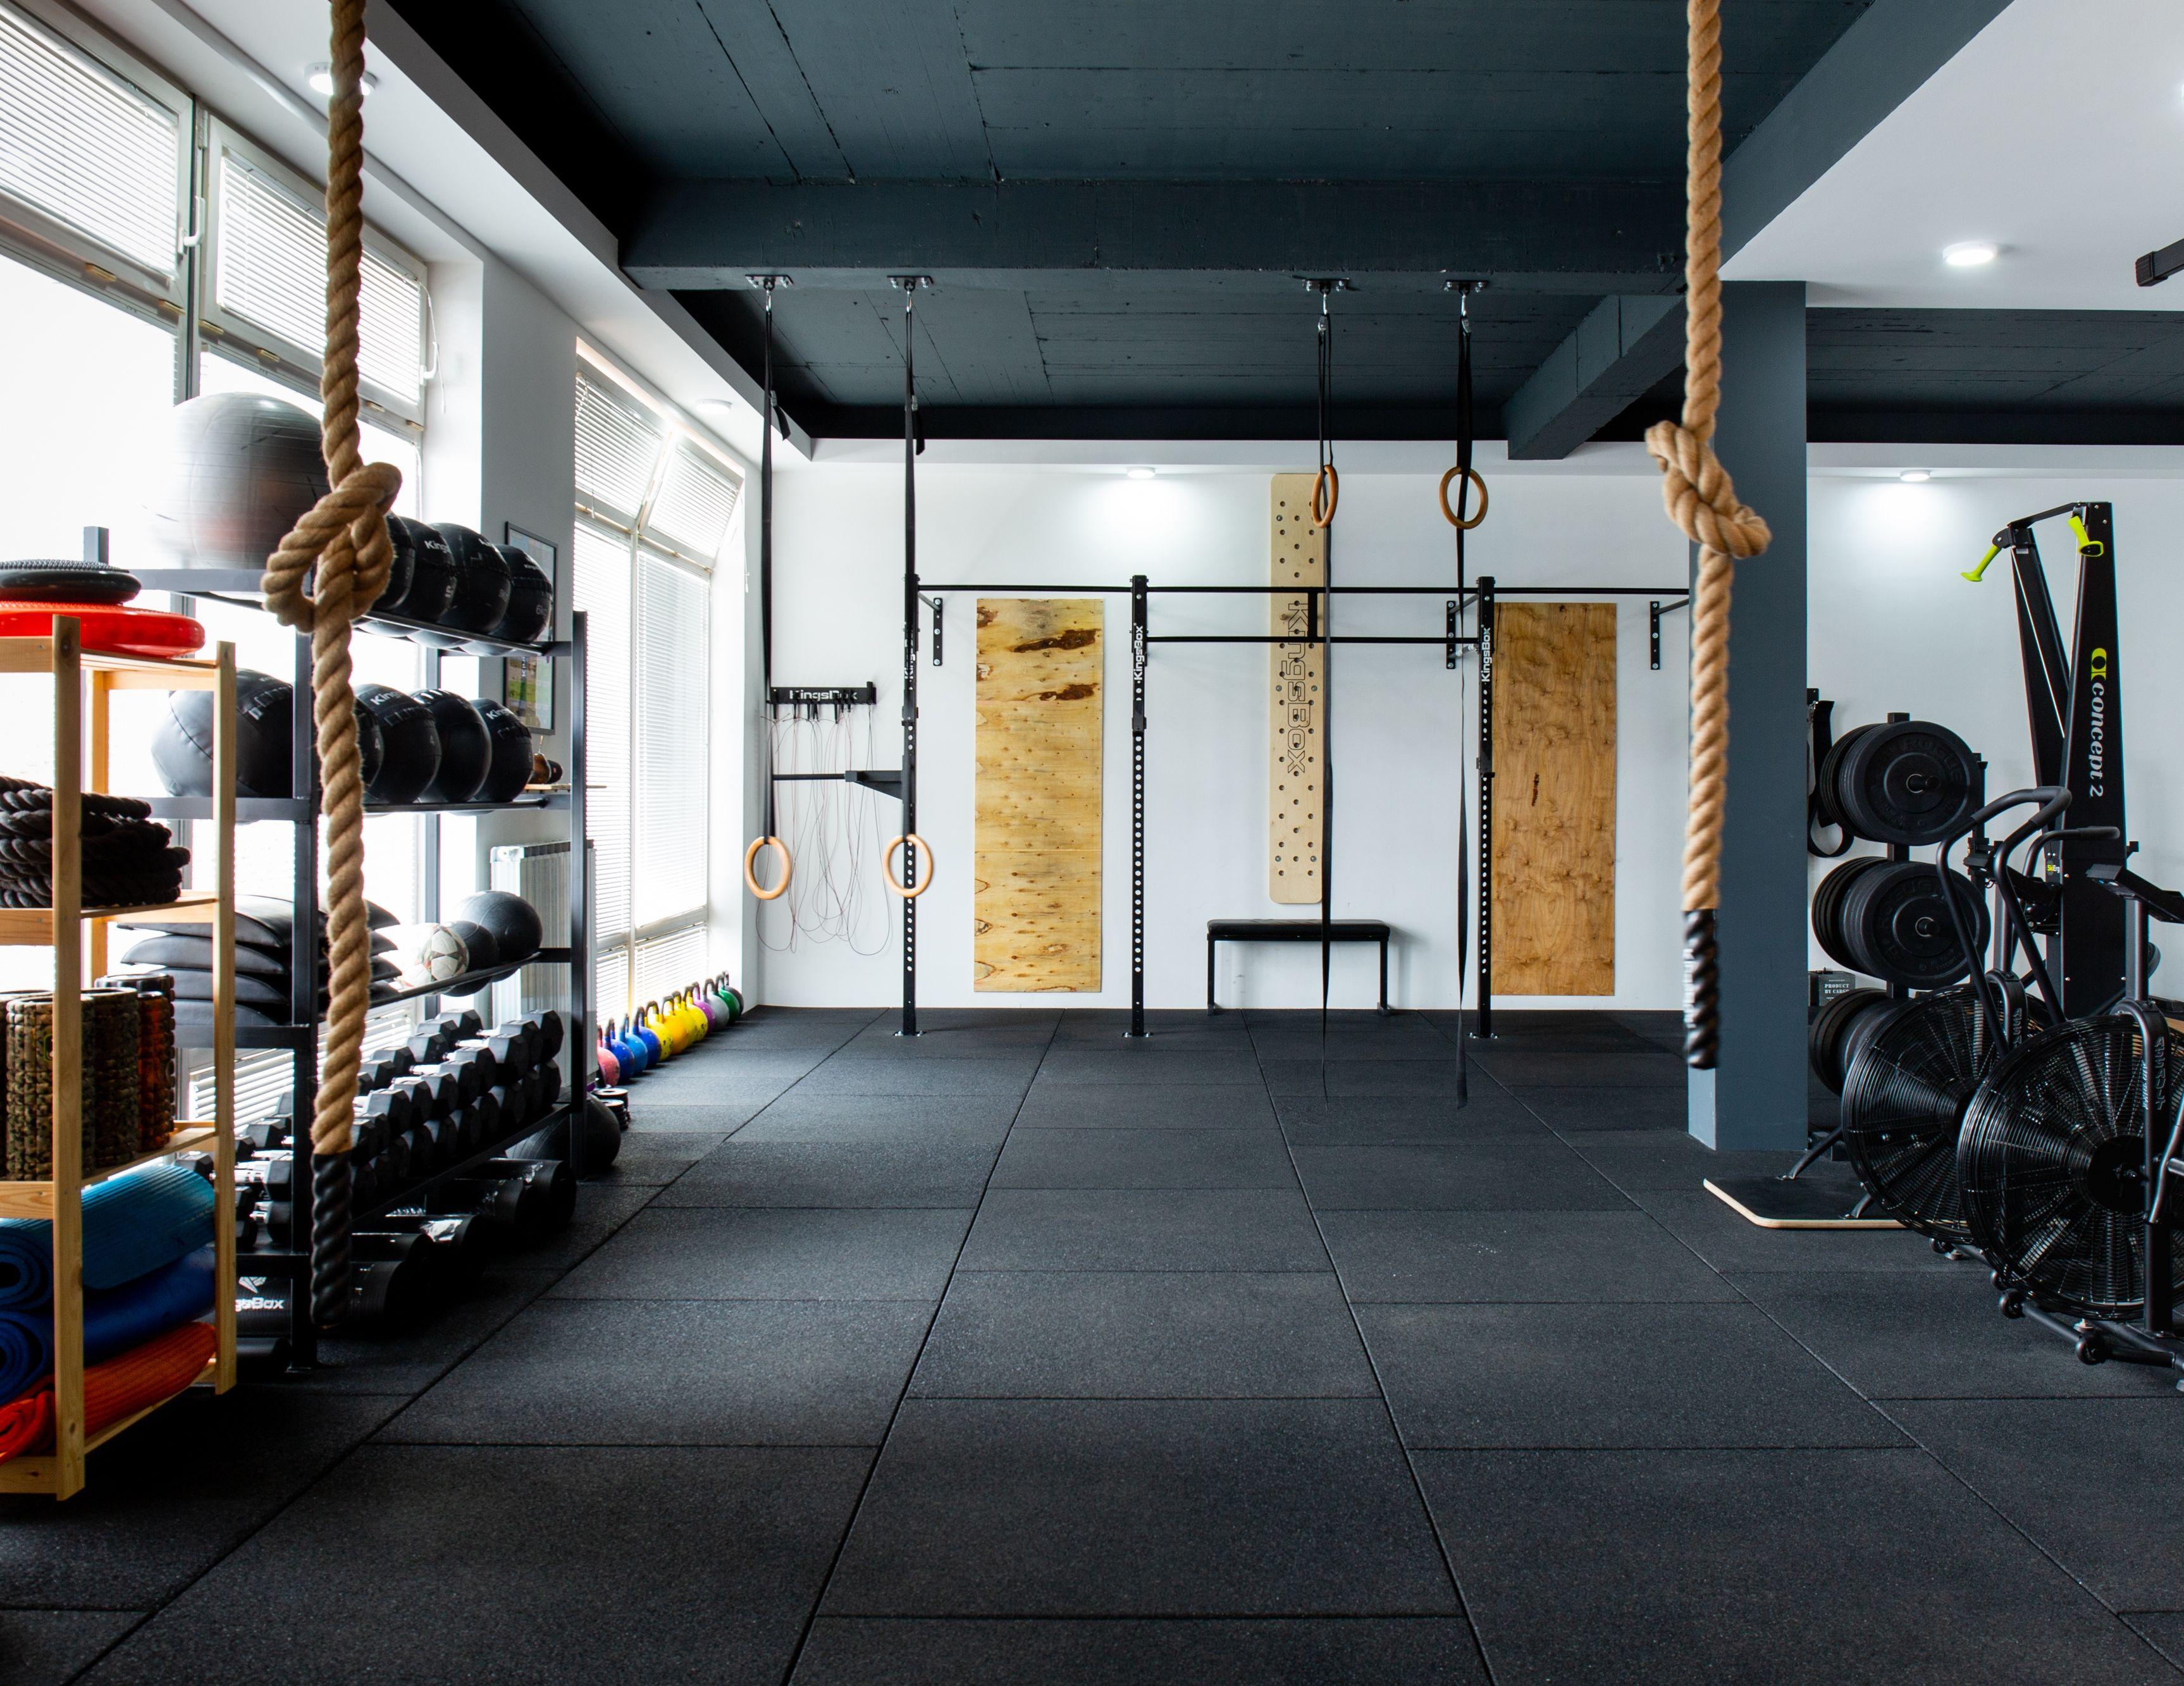 Cross Training Gym With A Wall Rig Home Gym Design Gym Interior Gym Design